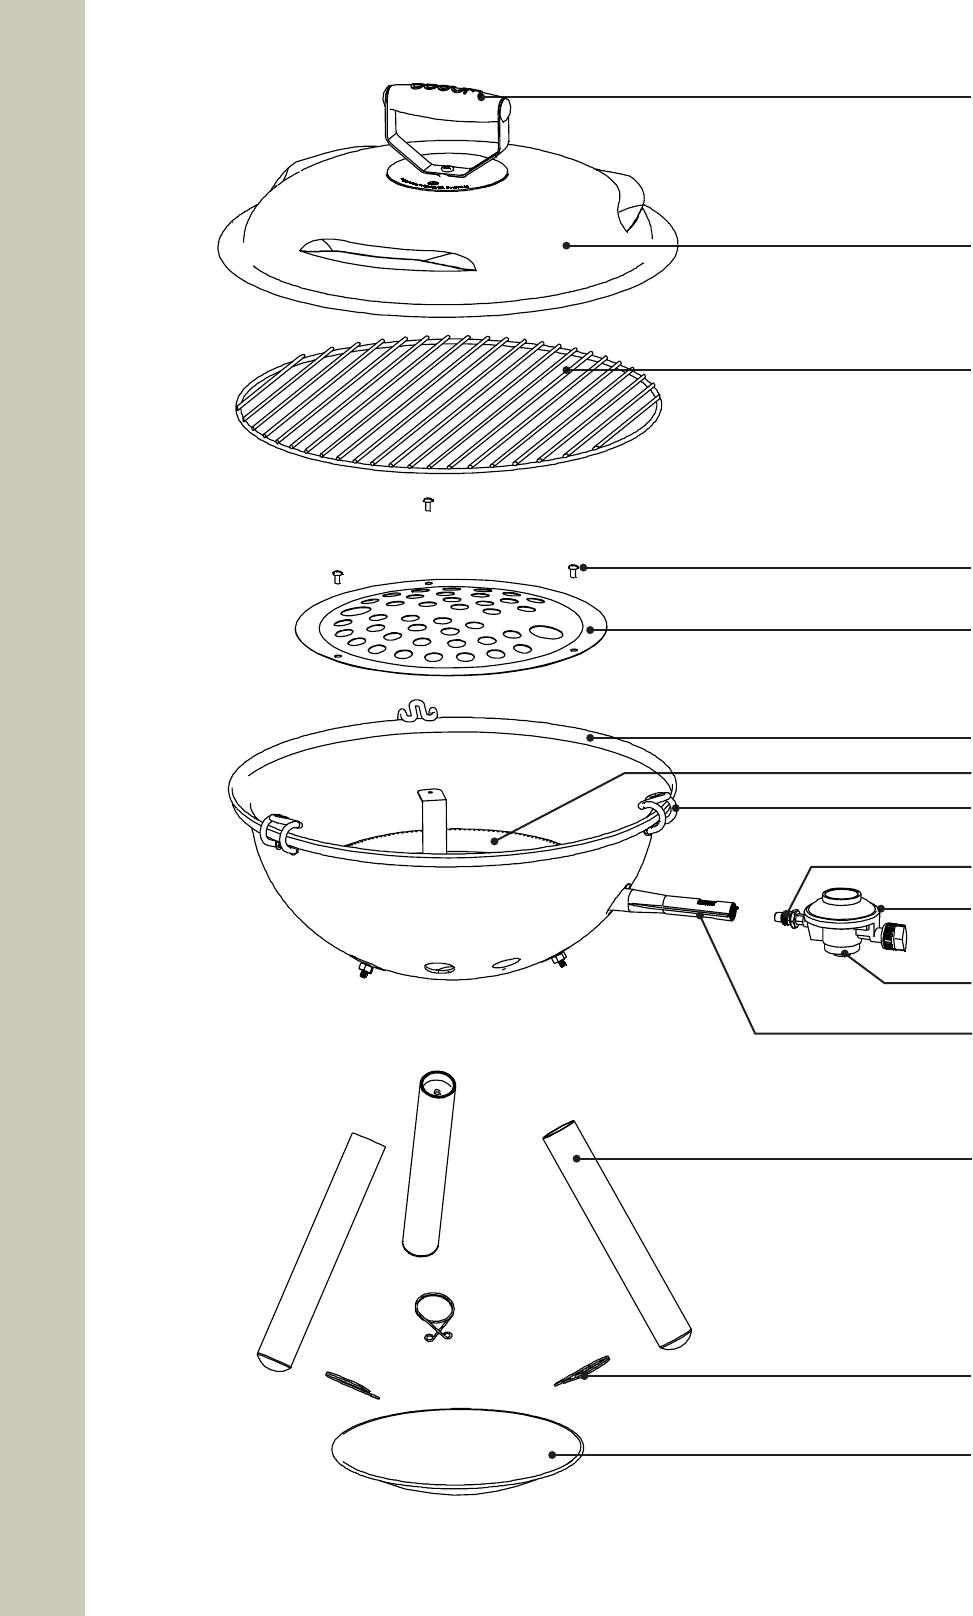 Manual Bodum FYRKAT 11450 (page 2 of 47) (Danish, German